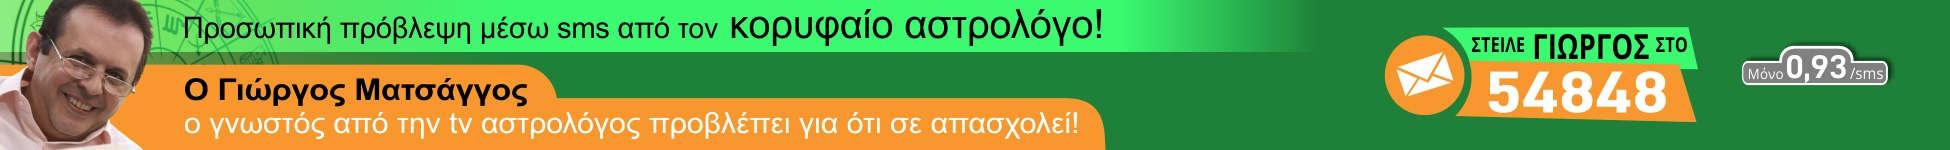 footer-banner-desltop